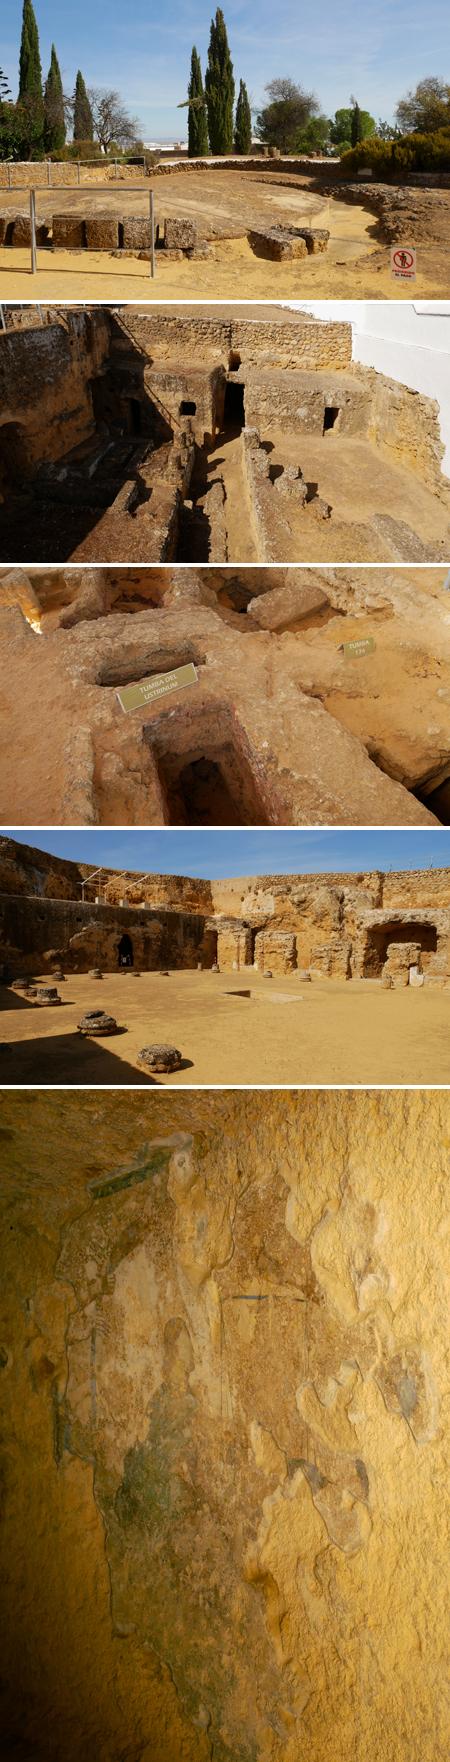 España, Spain, Andalucía, Carmona, necropolis, Roman